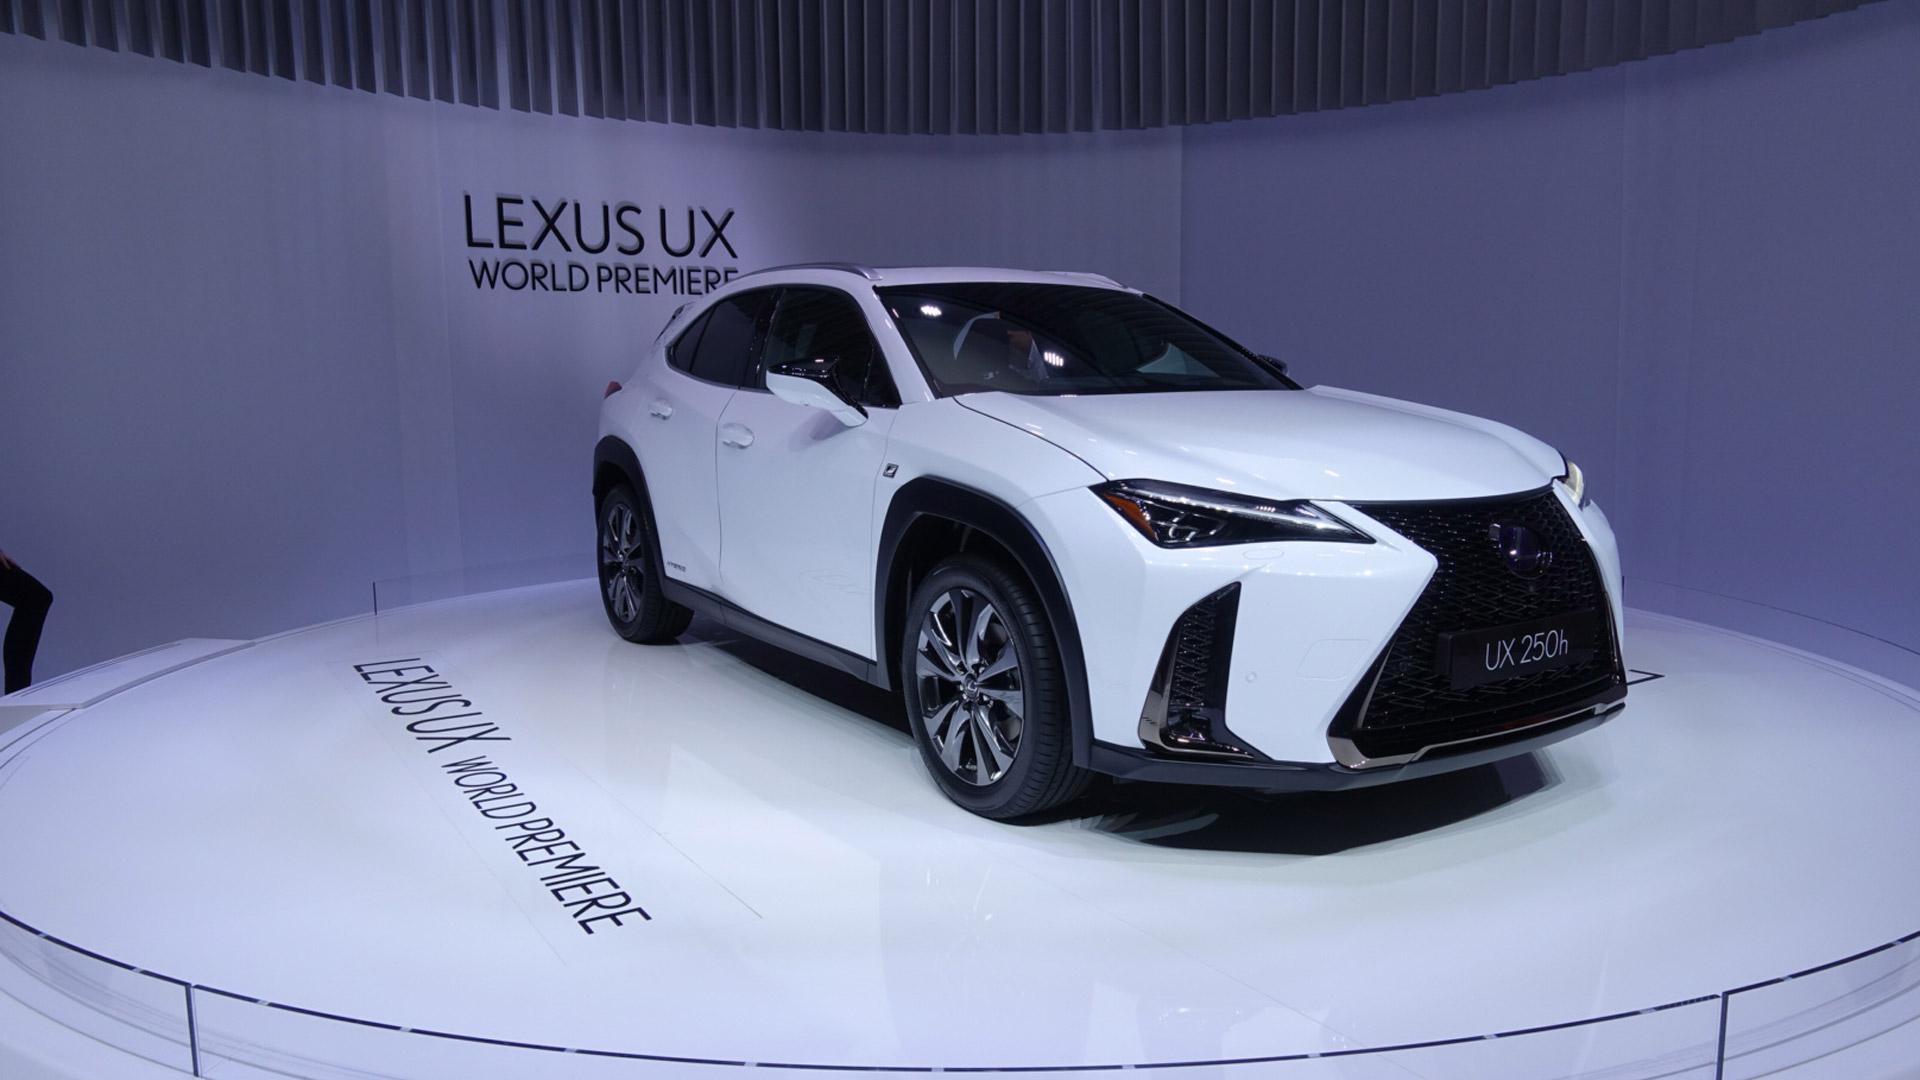 Lexus Cenevre'de Yeni Yıldızı UX Modelini Tanıttı